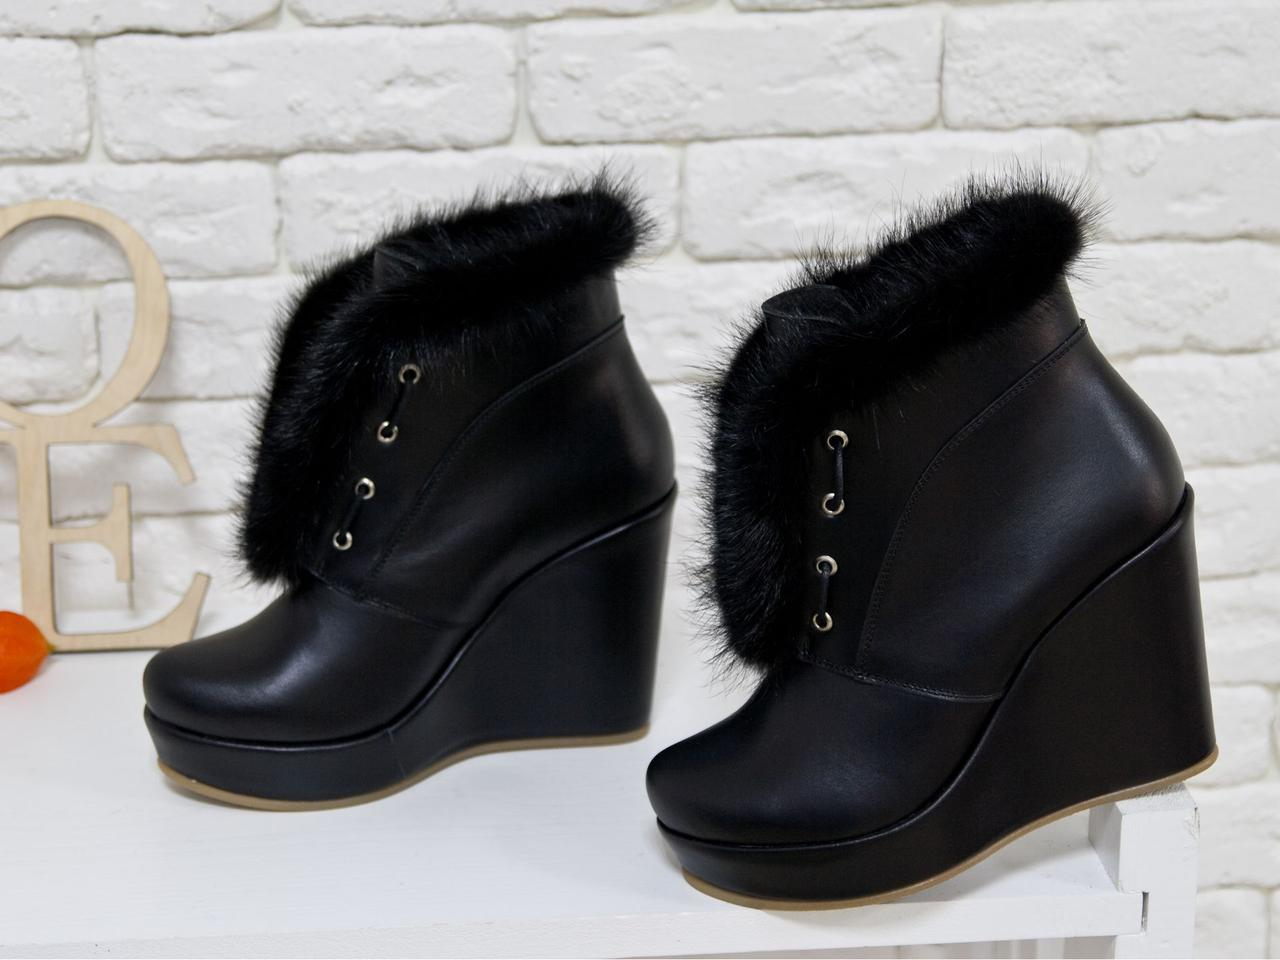 Оригинальные женские Ботинки с мехом норки на высокой танкетке, обтянутой натуральной кожей.